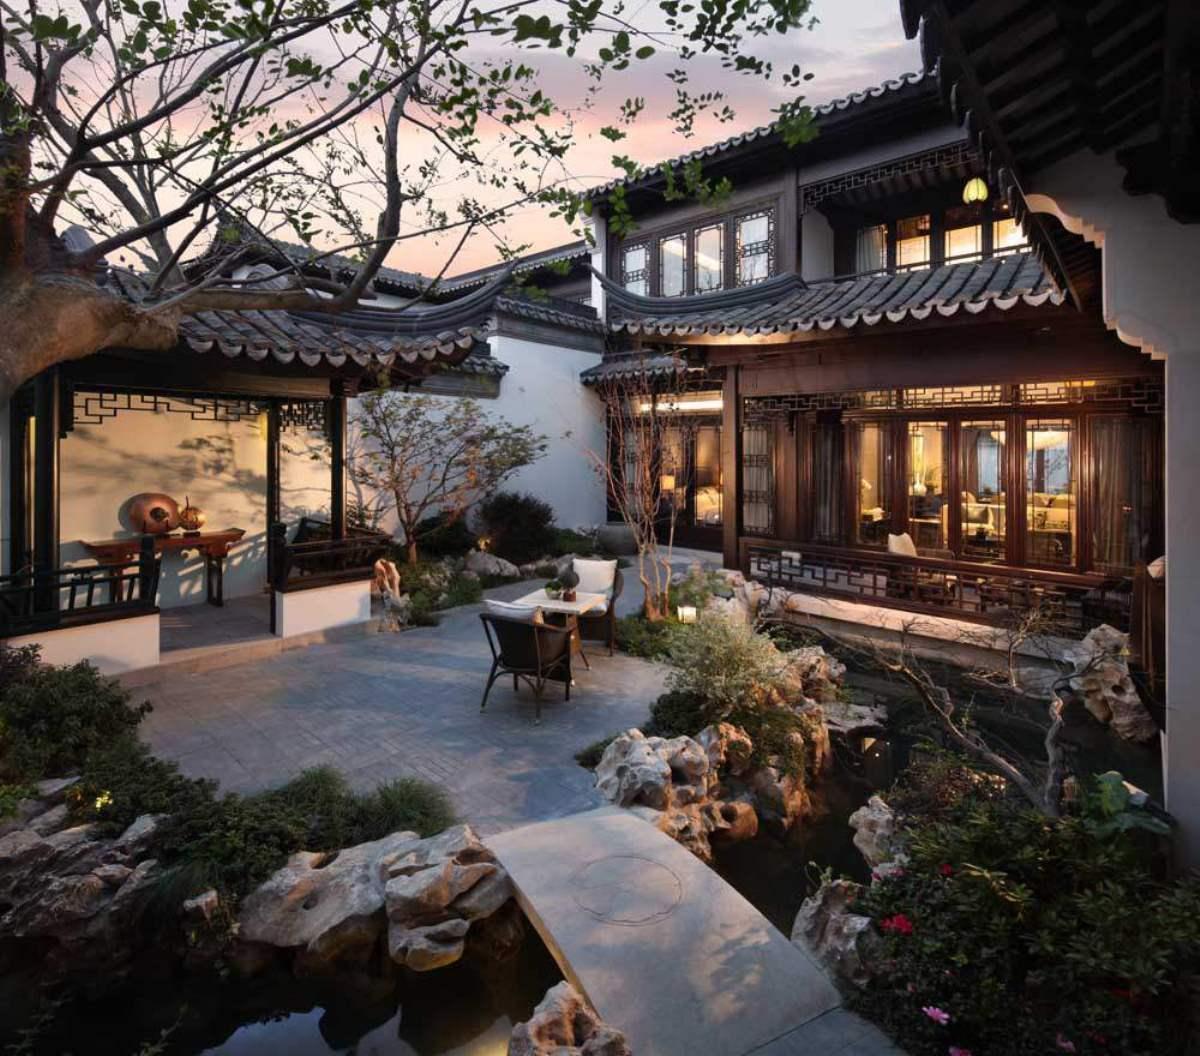 Một góc sân trong Đào Hoa Nguyên.Căn biệt thự nhà vườn này có 32 phòng ngủ hướng ra phía nam cùng 32 phòng tắm và khoảng sân rộng 2.000 mét vuông.